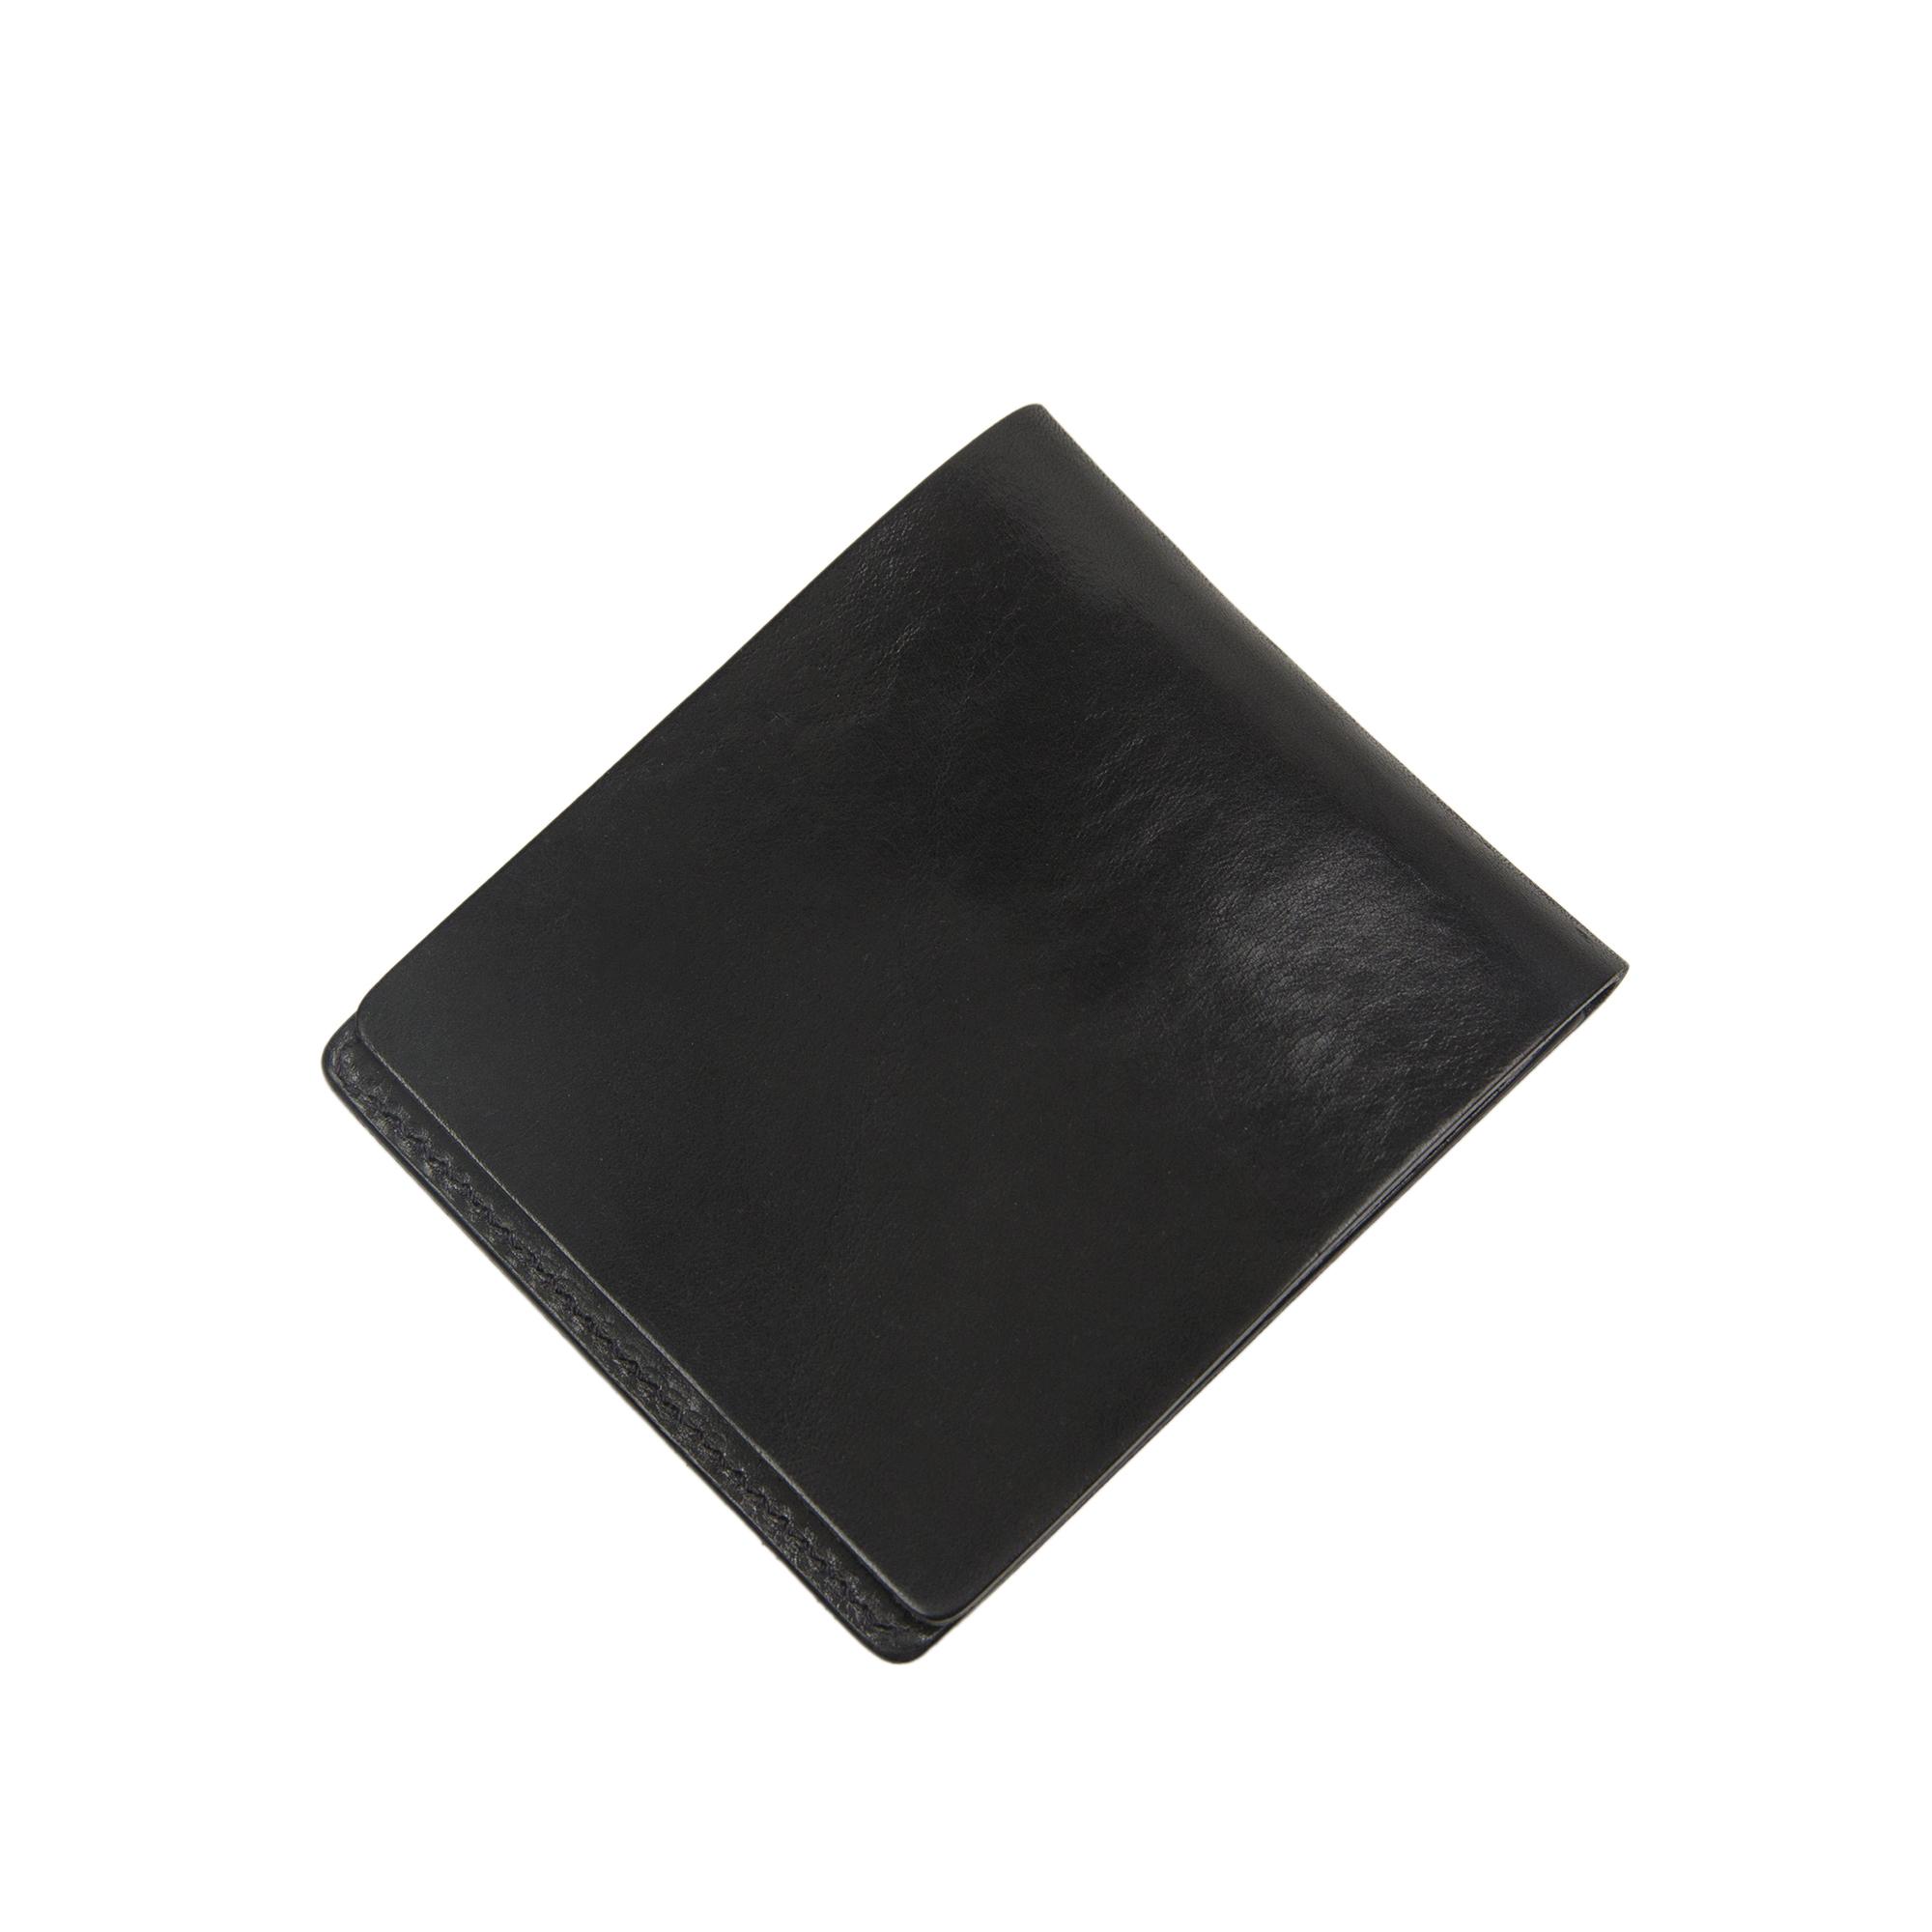 マネージャケット -Clife shot BLACK-